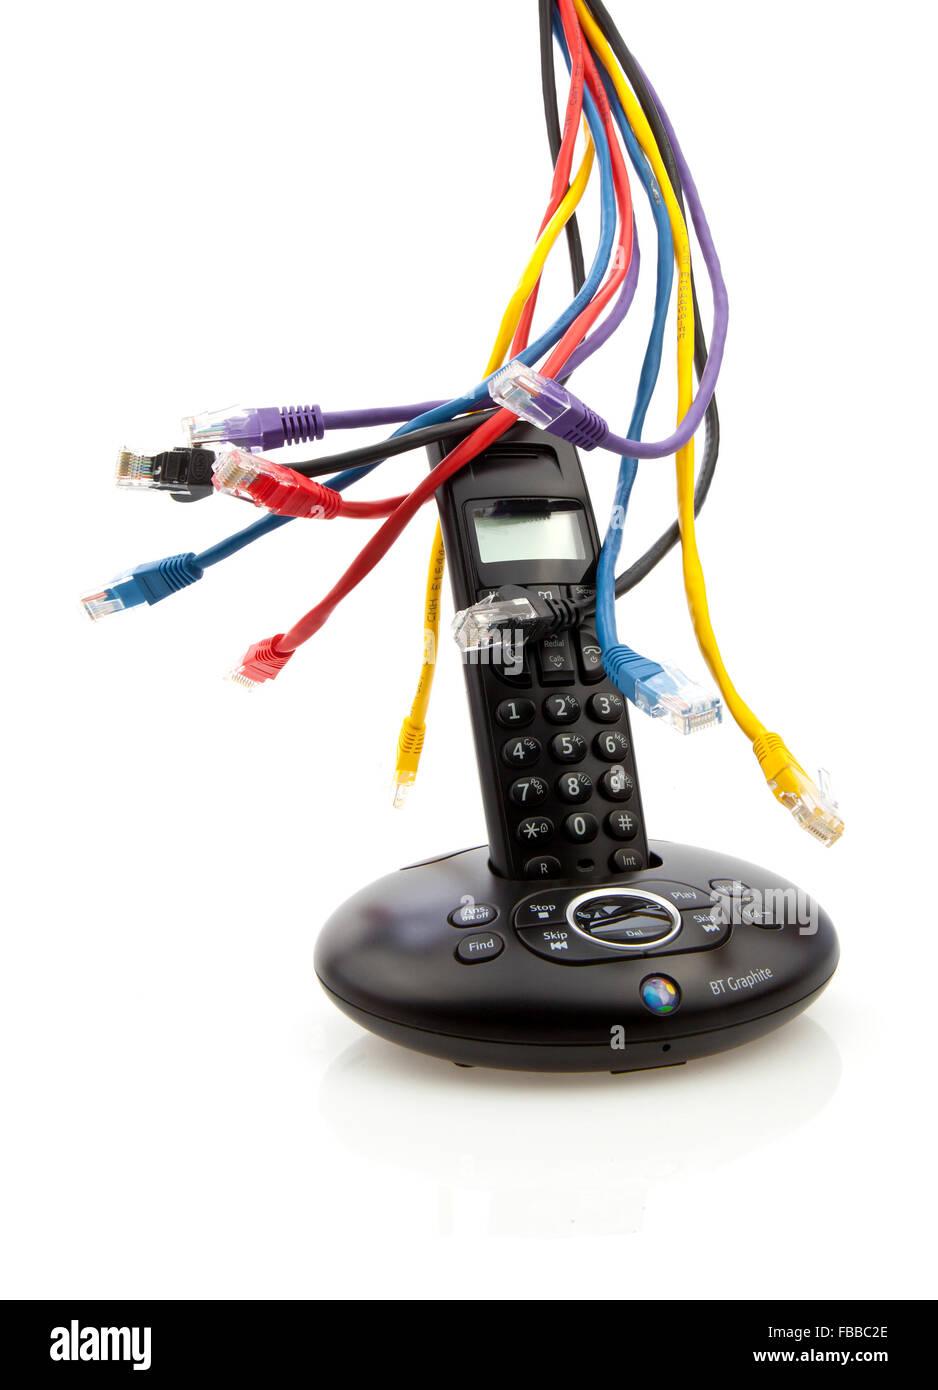 Teléfono inalámbrico negro con cables CAT 5 y cuna aislado sobre fondo blanco. Imagen De Stock